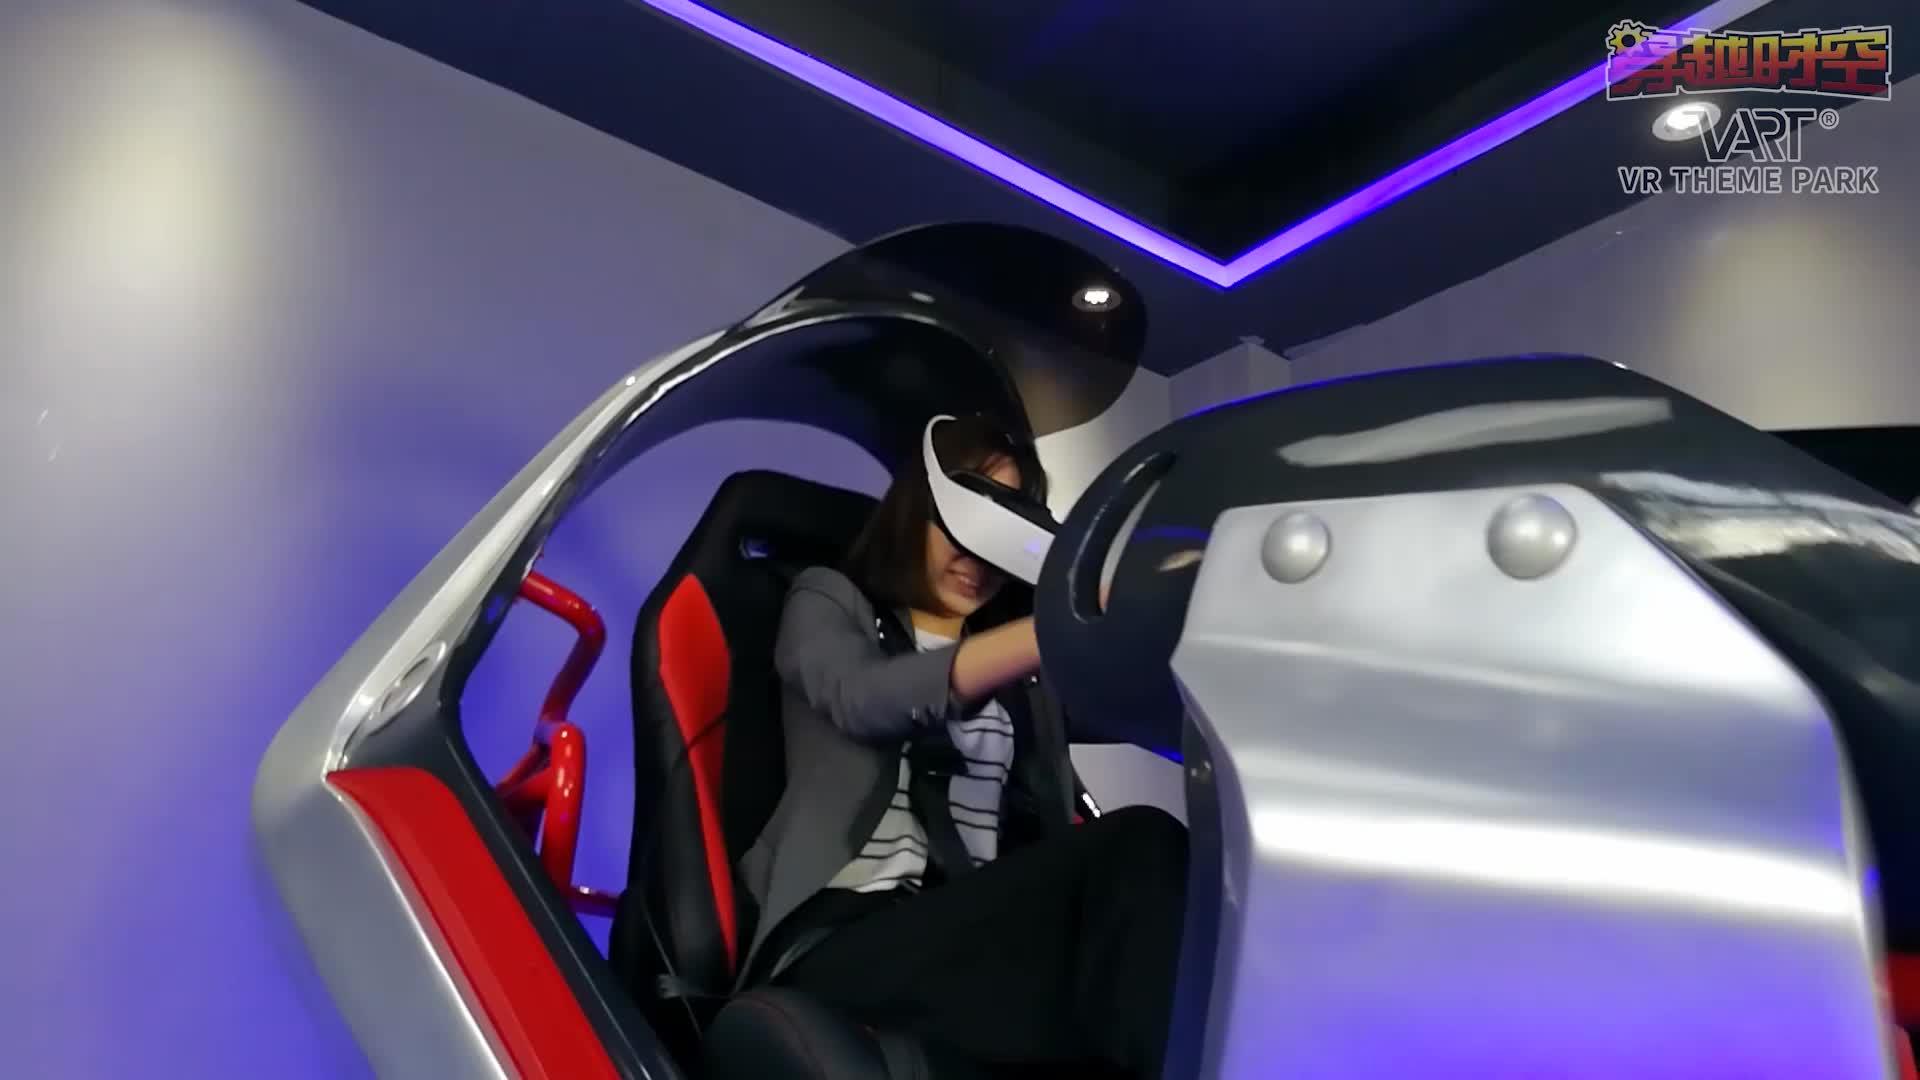 Варт погружения VR вождение автомобиля игровой оборудования 9D VR 3DOF движения гоночный автомобиль тренажер для продаж